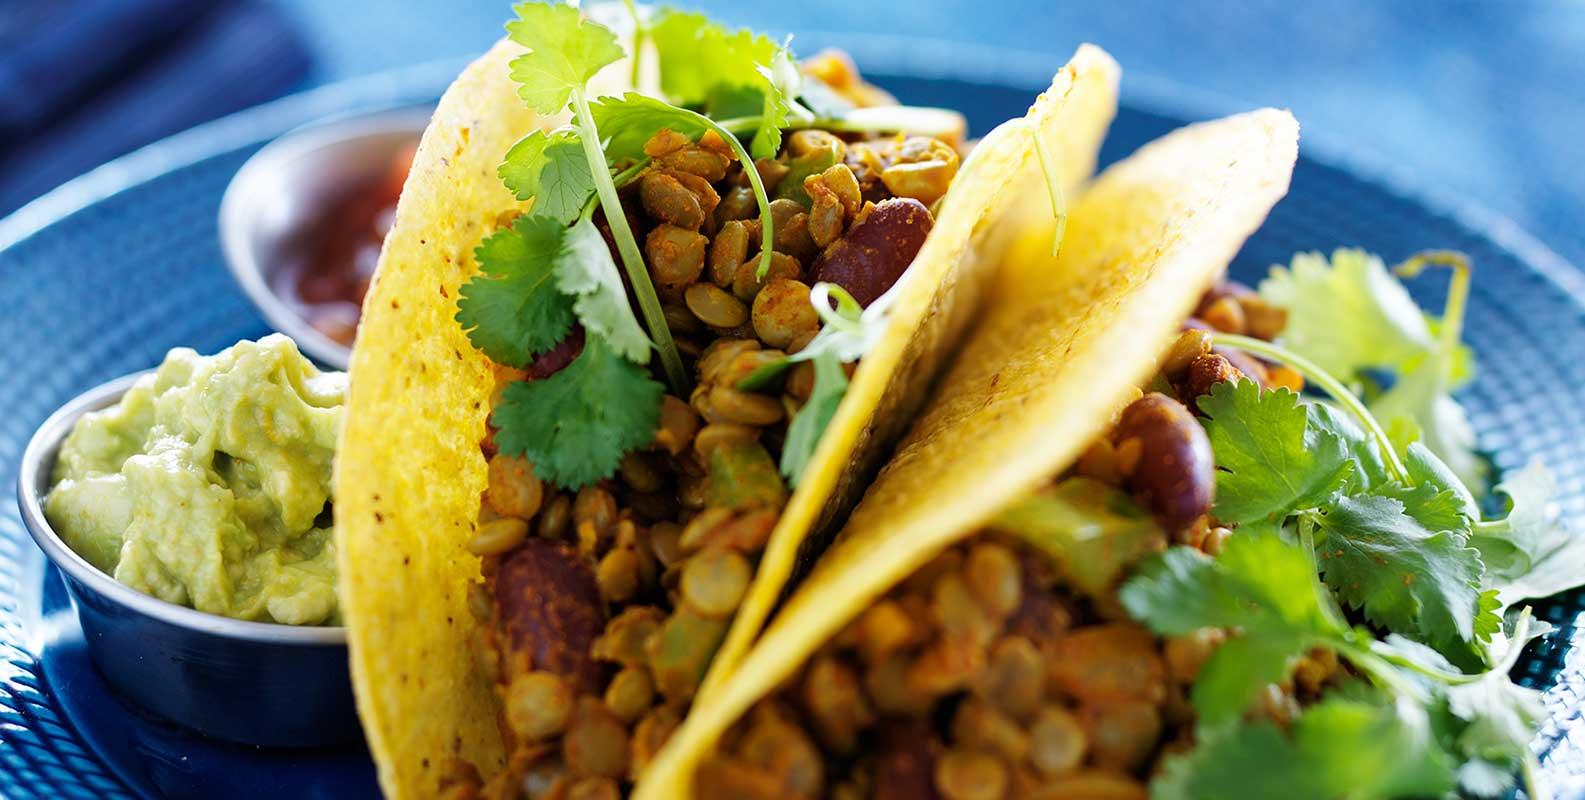 Imagen y receta de Recetas Veganas.es